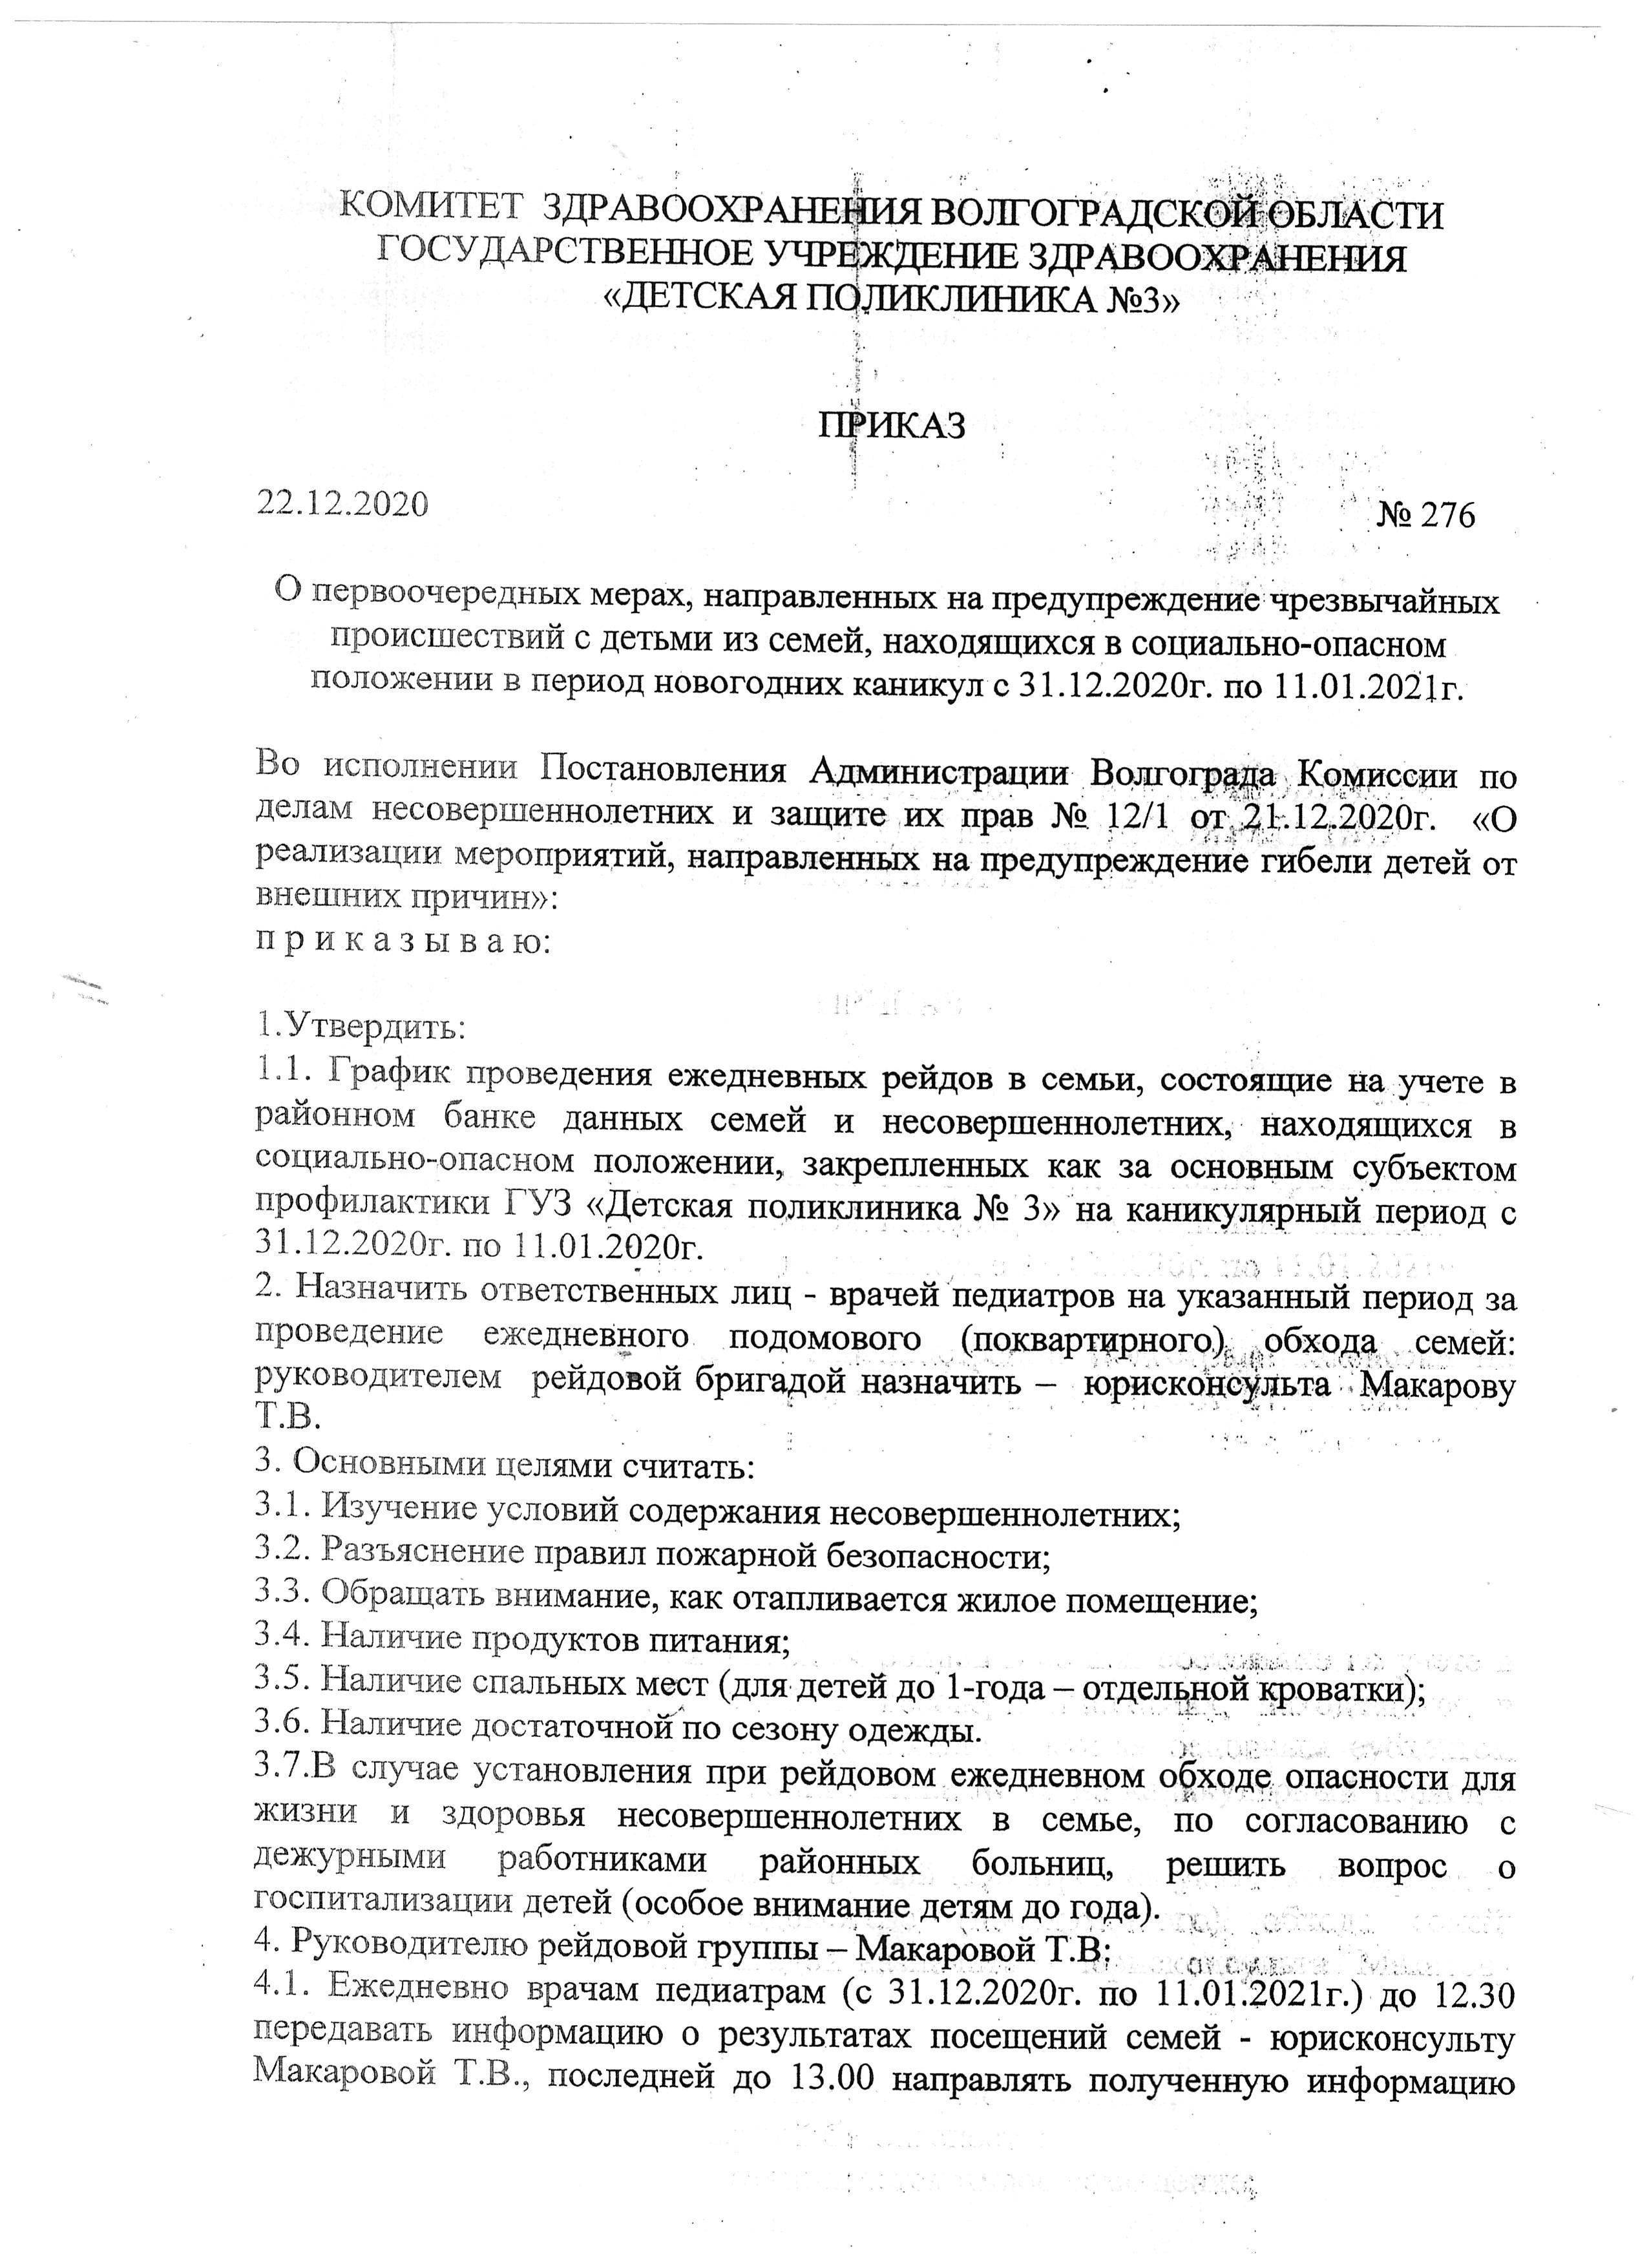 приказ № 276 от 22.12.2020